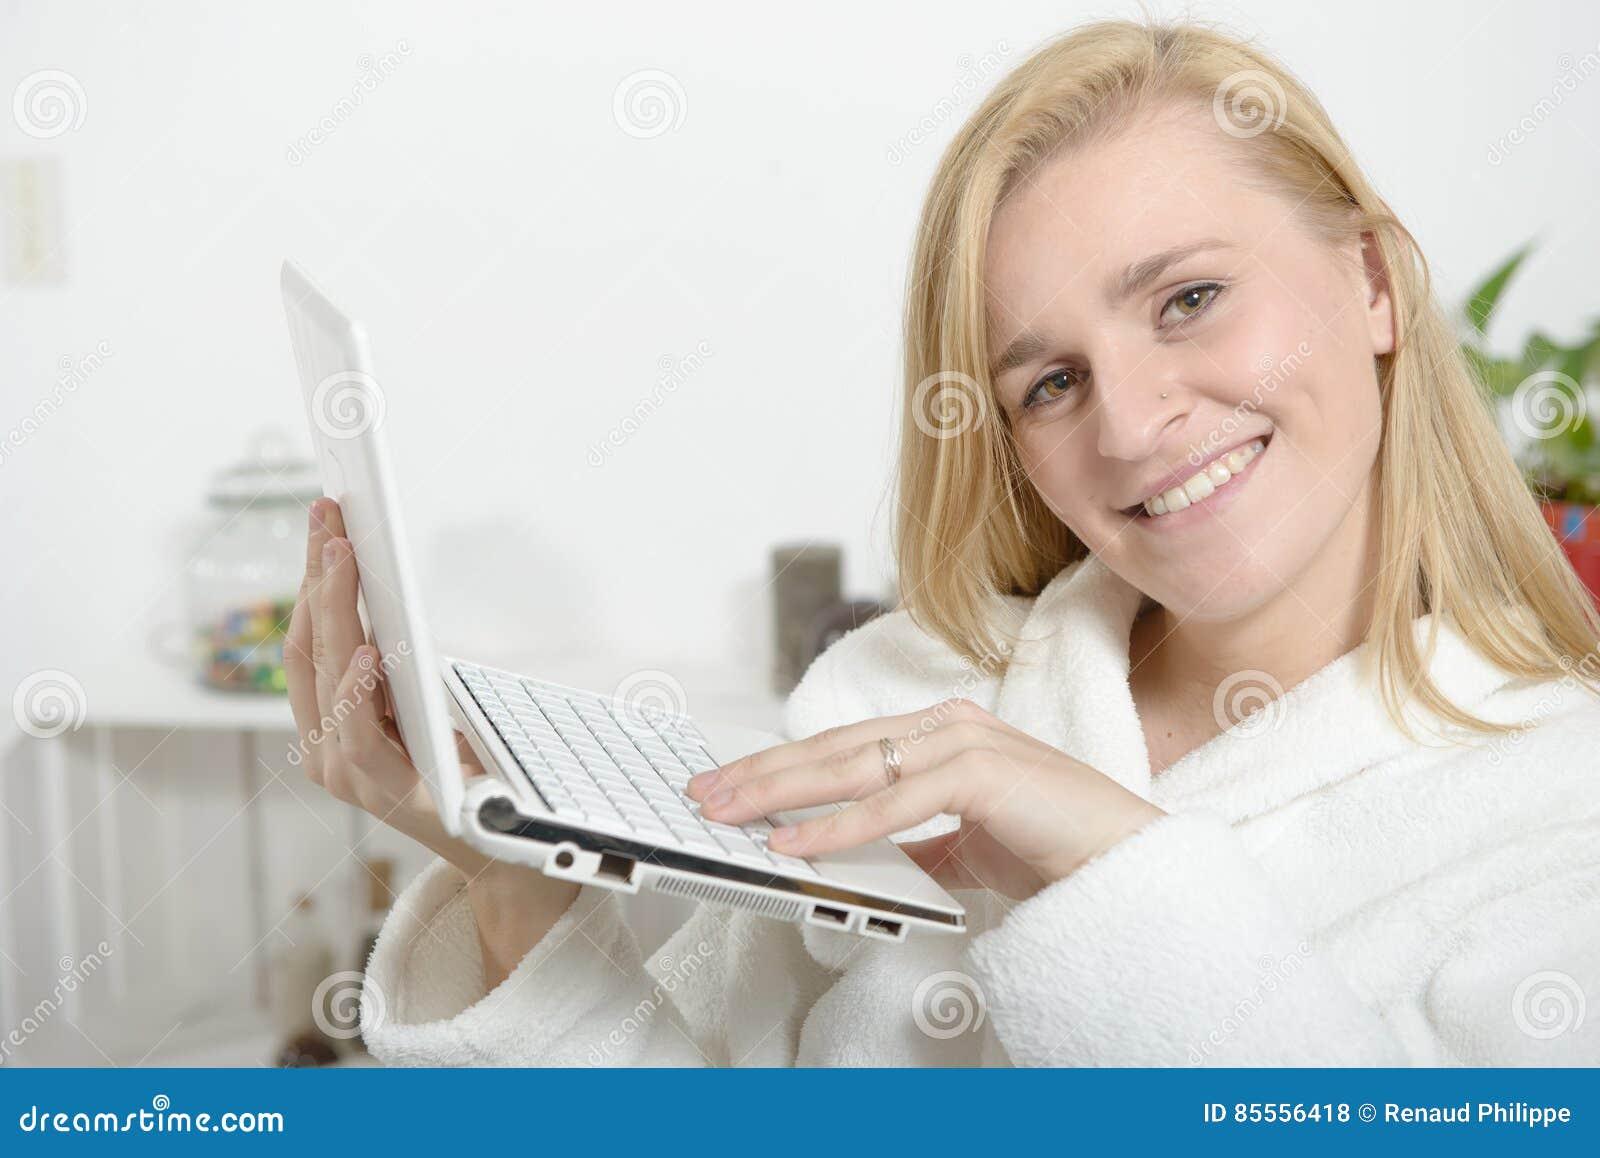 Portrait einer Frau, die einen Laptop verwendet